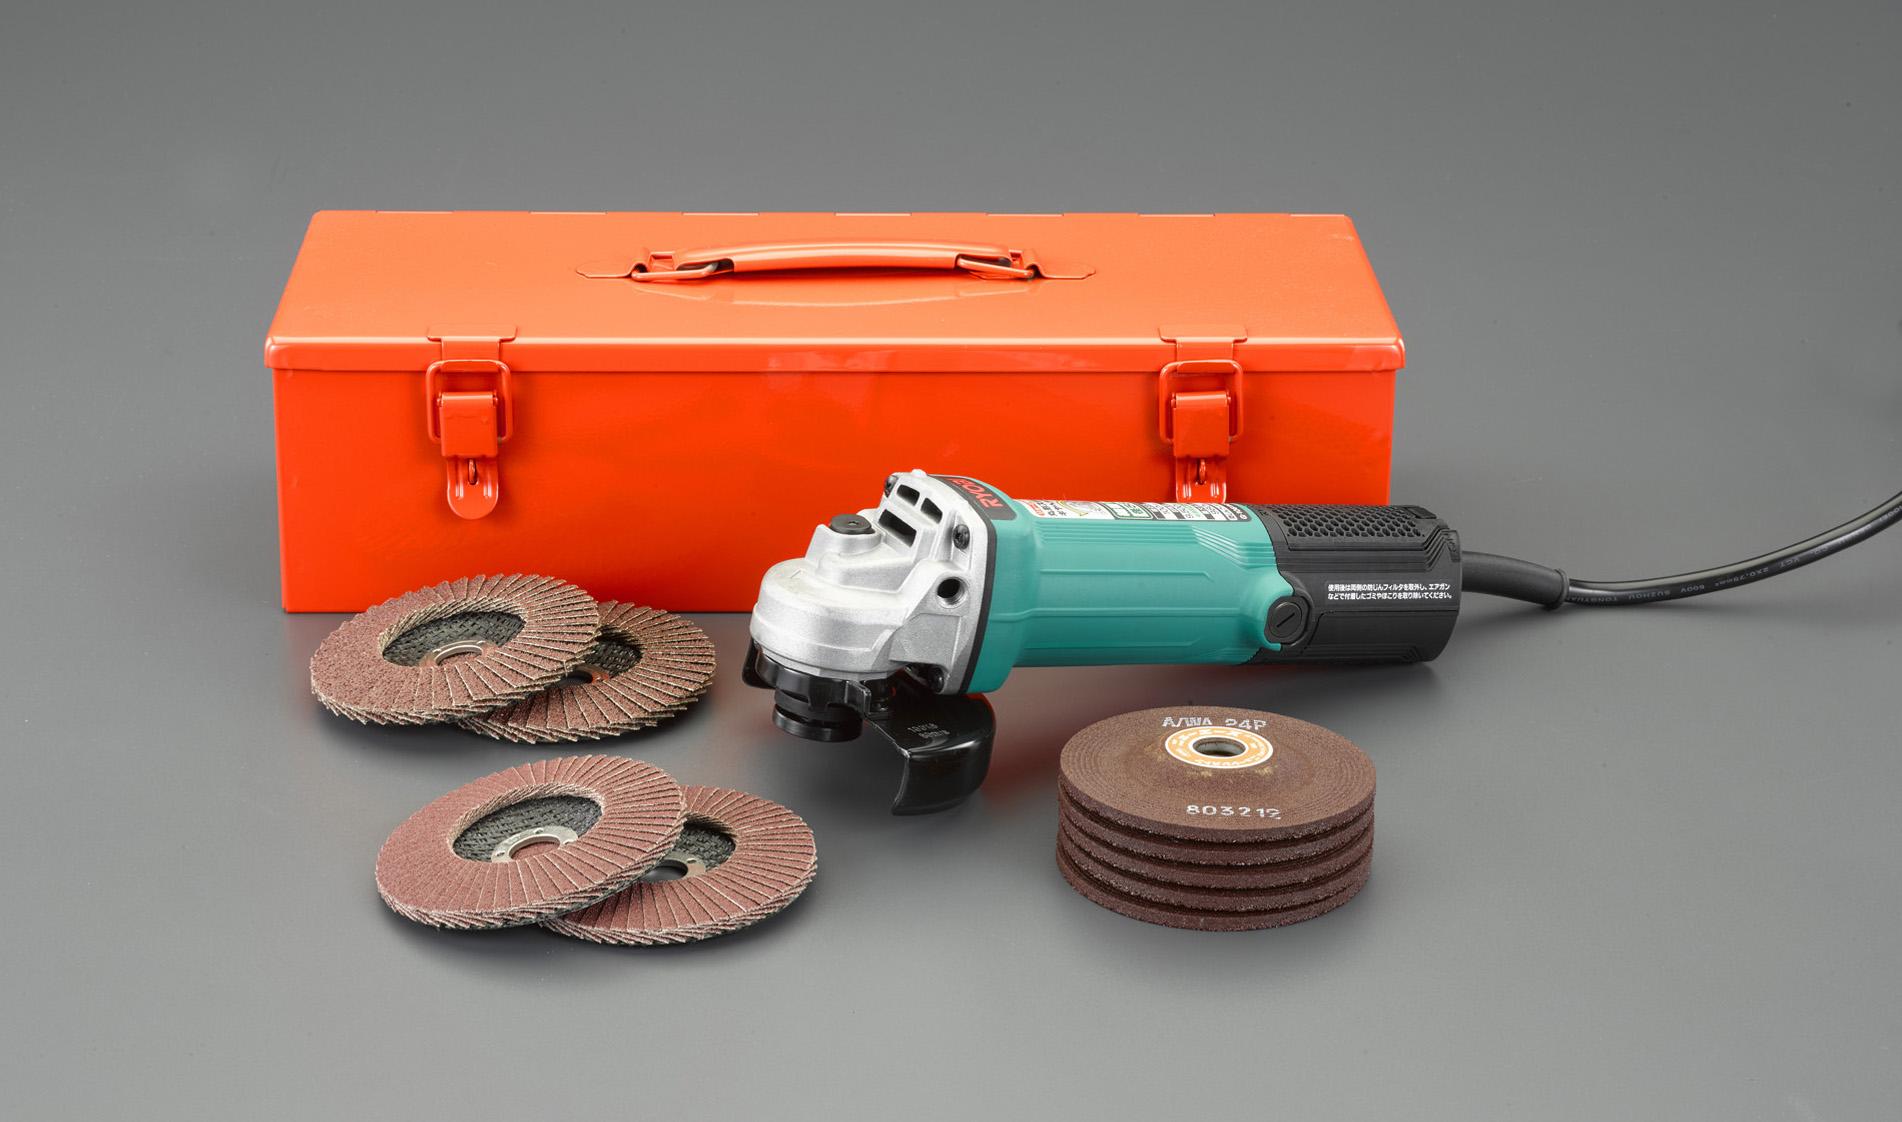 Disk grinder EA80BB-10D, Máy mài đĩa 100mm ESCO, Máy mài đĩa 100V, 100mm/ 980W ディスクグラインダーセット